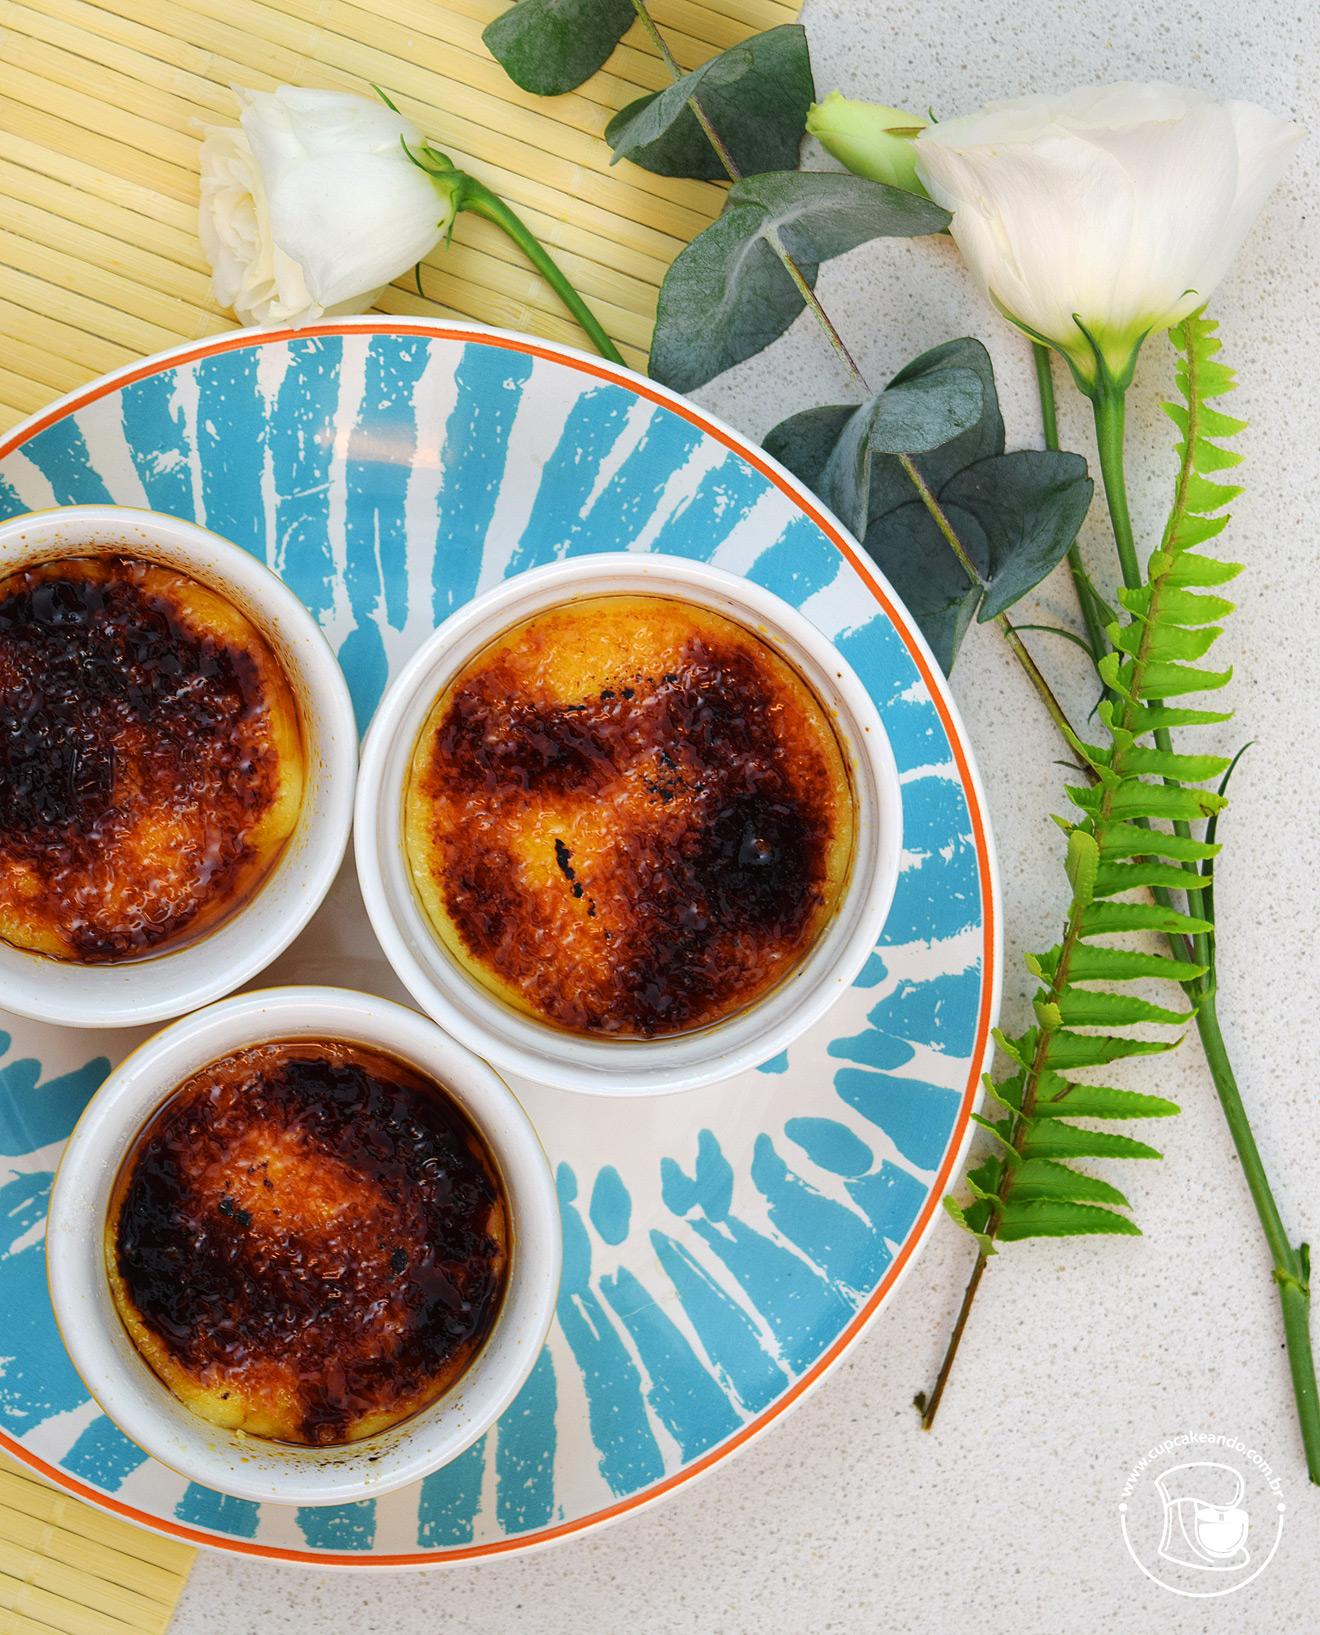 Creme brulee, receita original de 1691 de Massialot